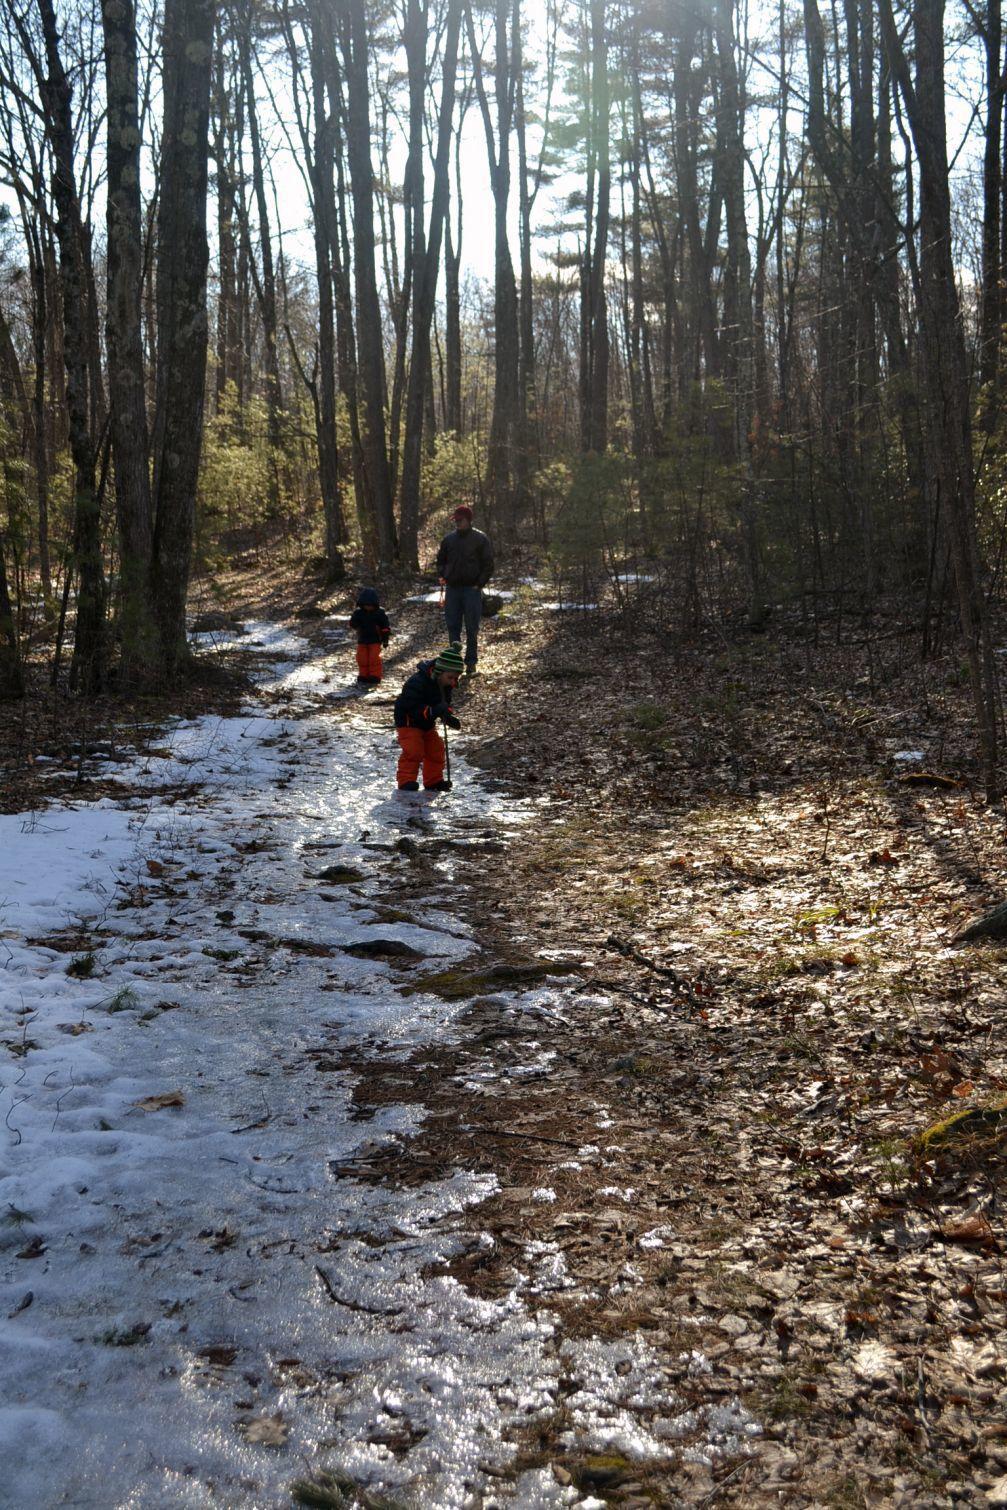 Exploring new trails